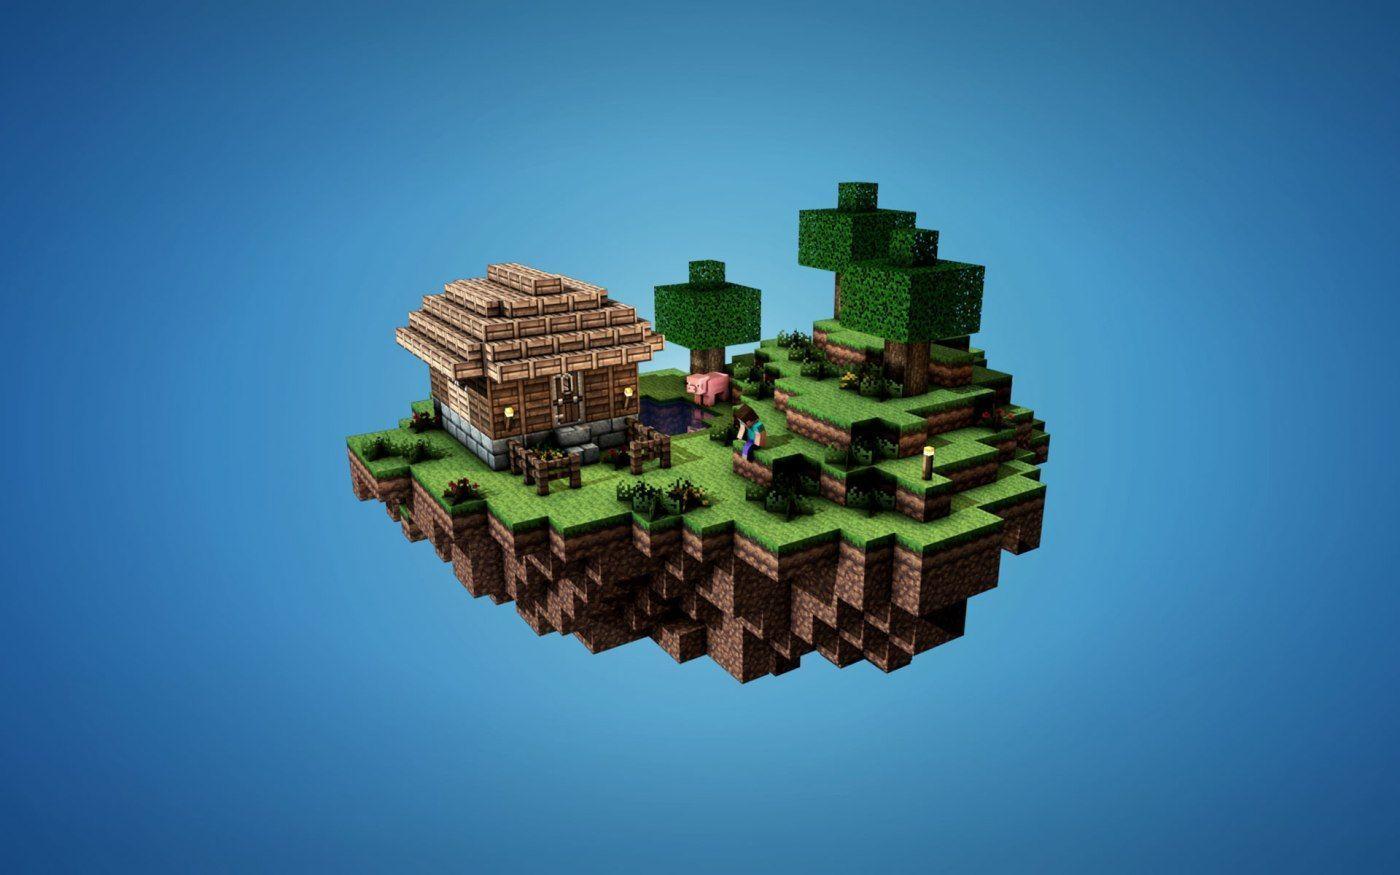 Popular Wallpaper Minecraft Laptop - 51509ebb1bffcbe5fd55d8e5323668ba  Photograph_591329.jpg